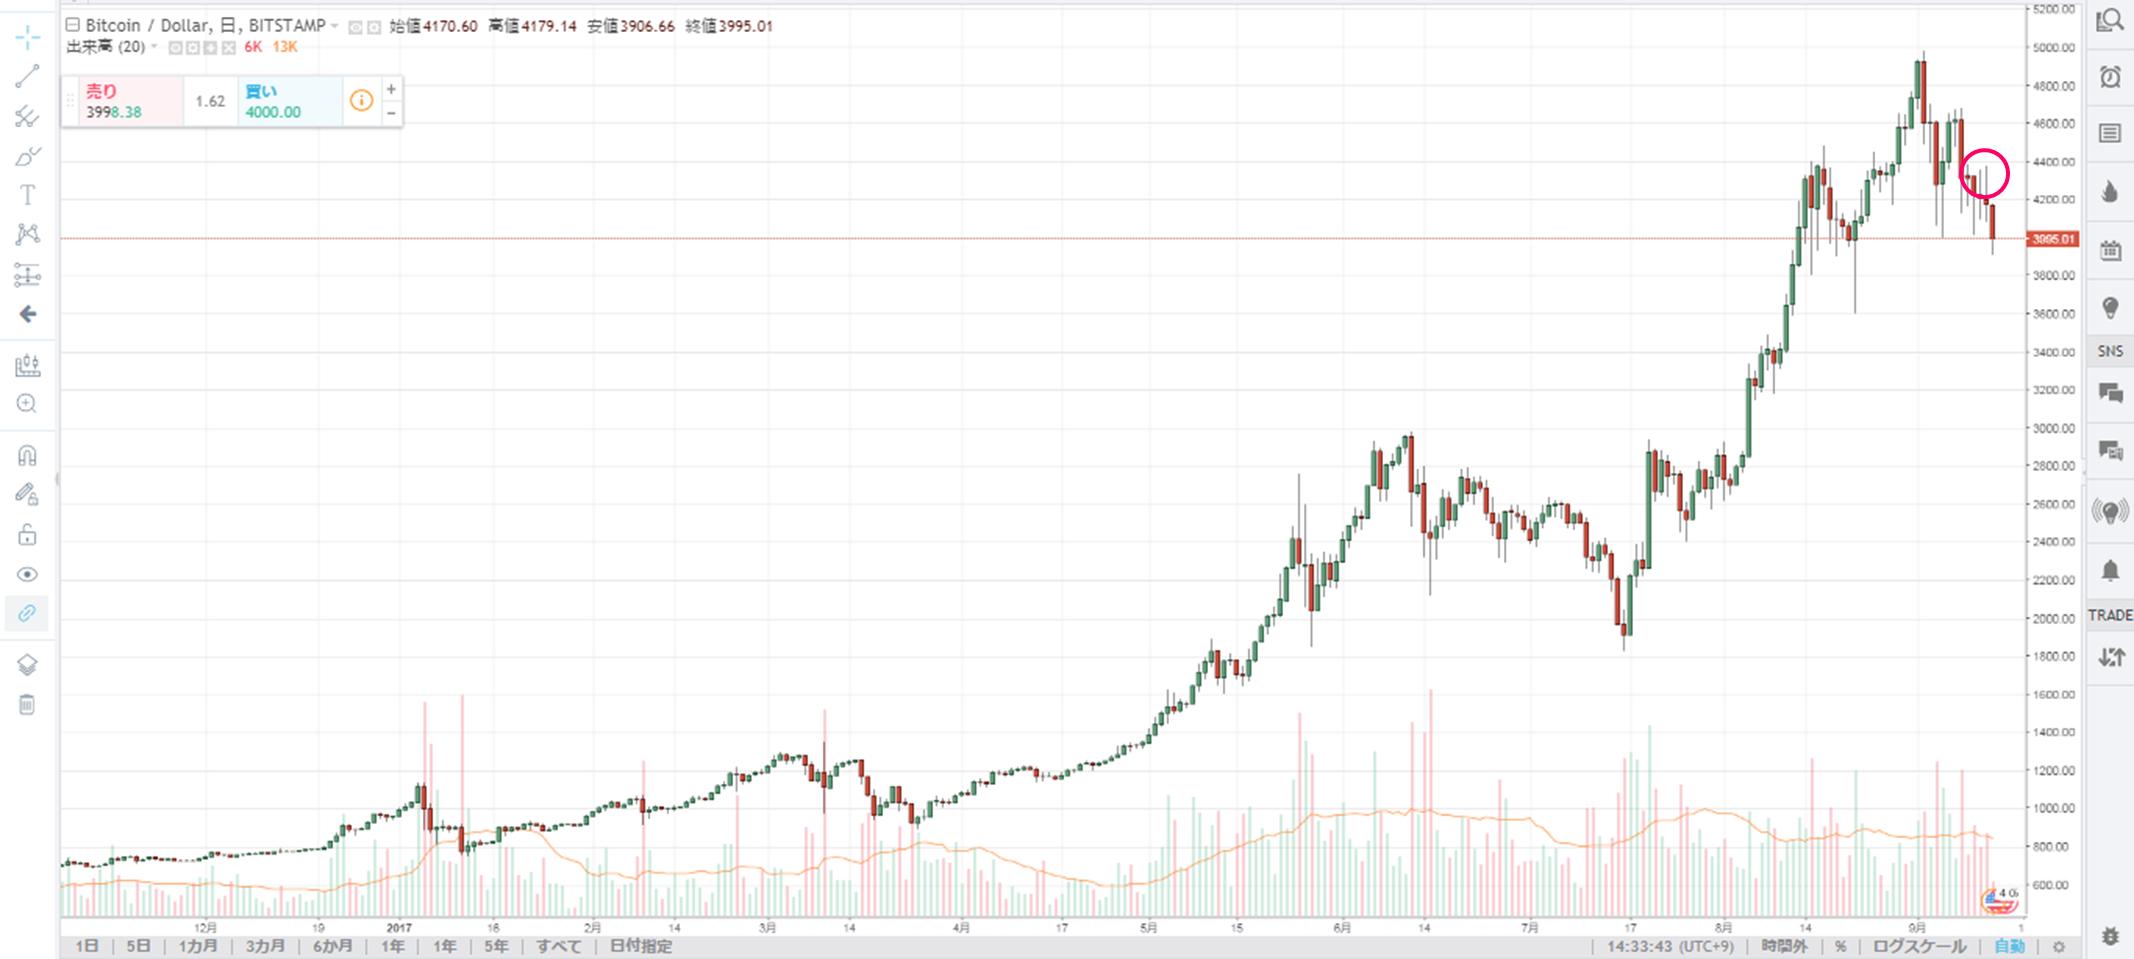 JPモルガンCEOの発言を受けた直後のBTCの価格